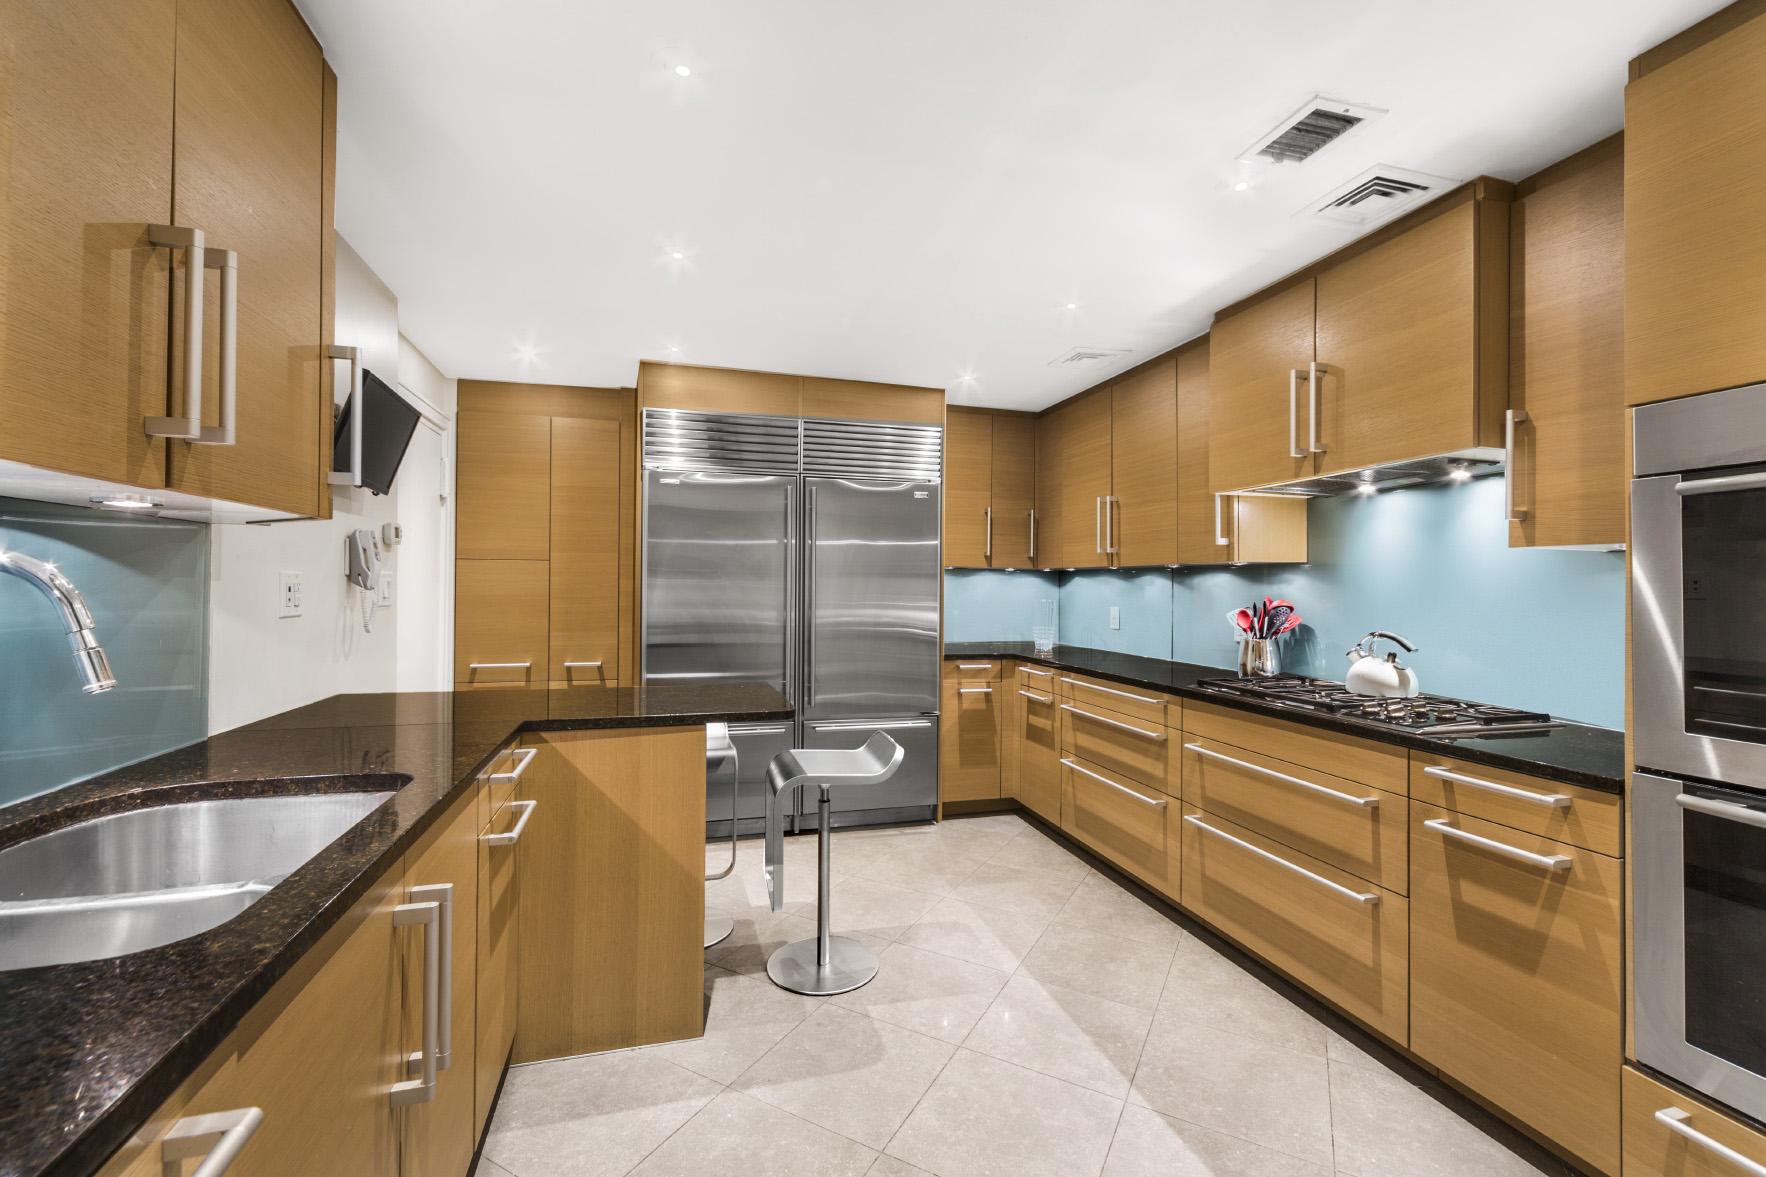 luxury kitchen with overswized refrigerator in manhattan